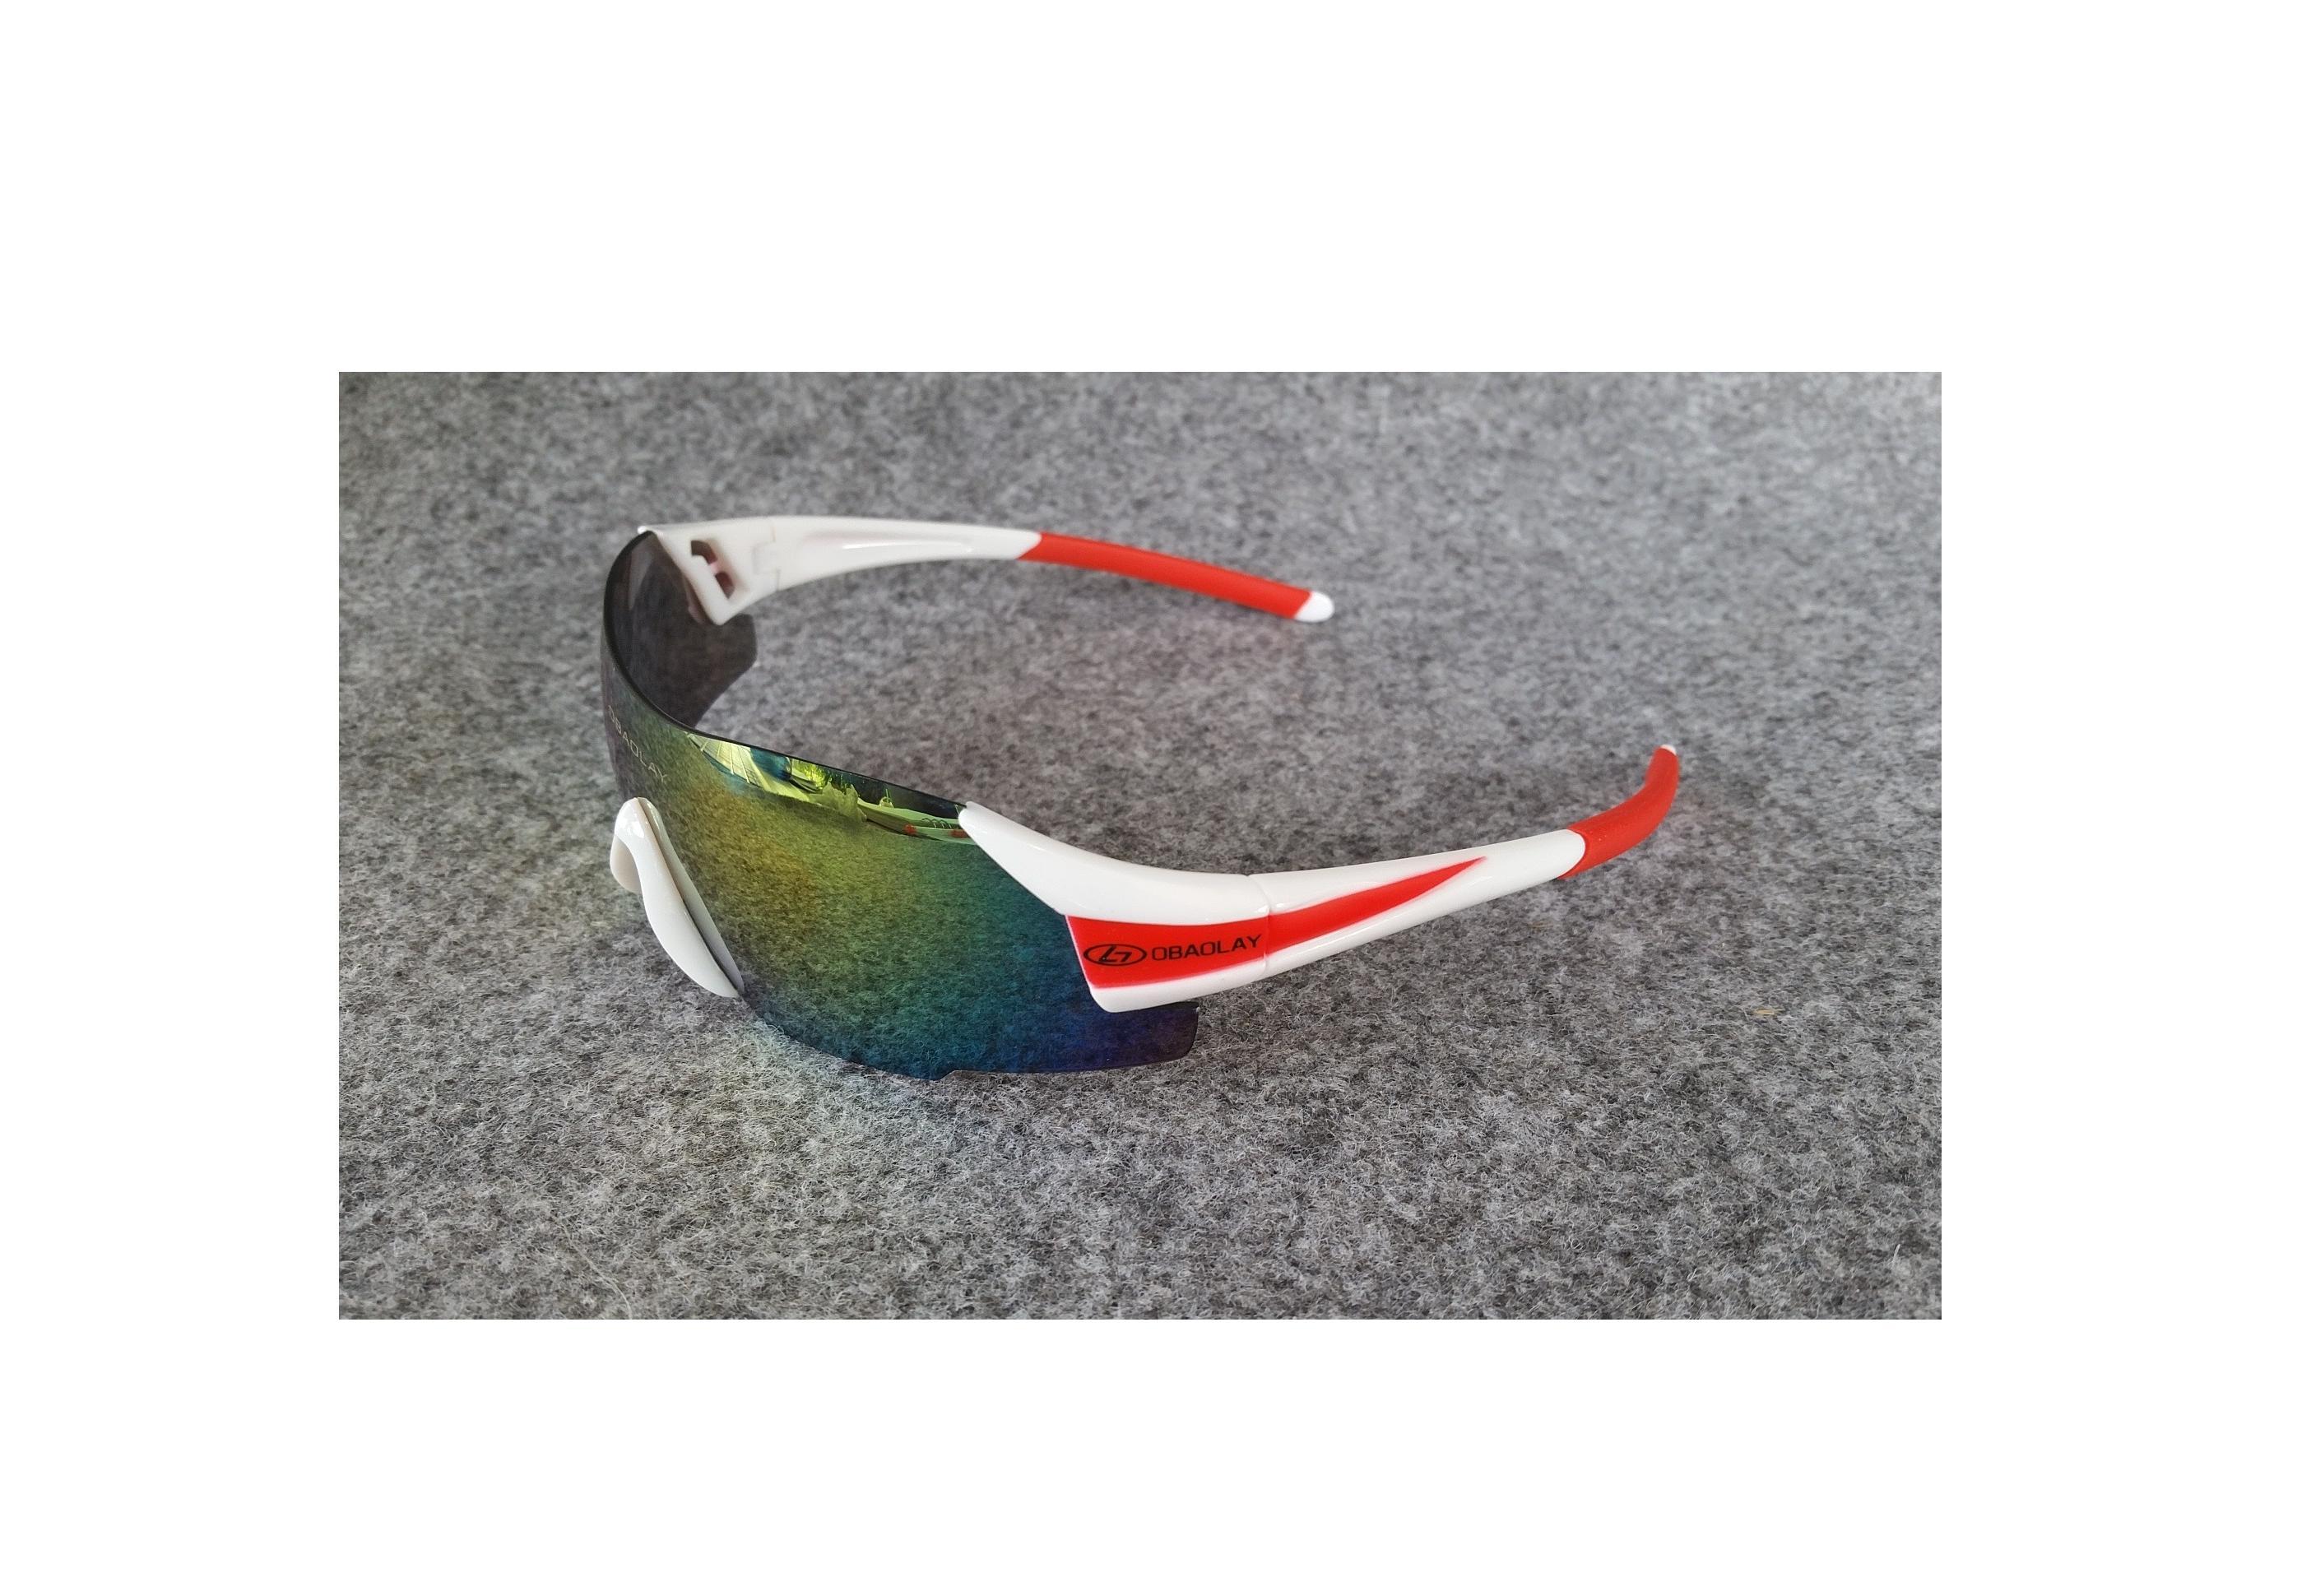 แว่นปั่นจักรยาน OBOALAY แบบไร้กรอบ ป้องกัน UV400